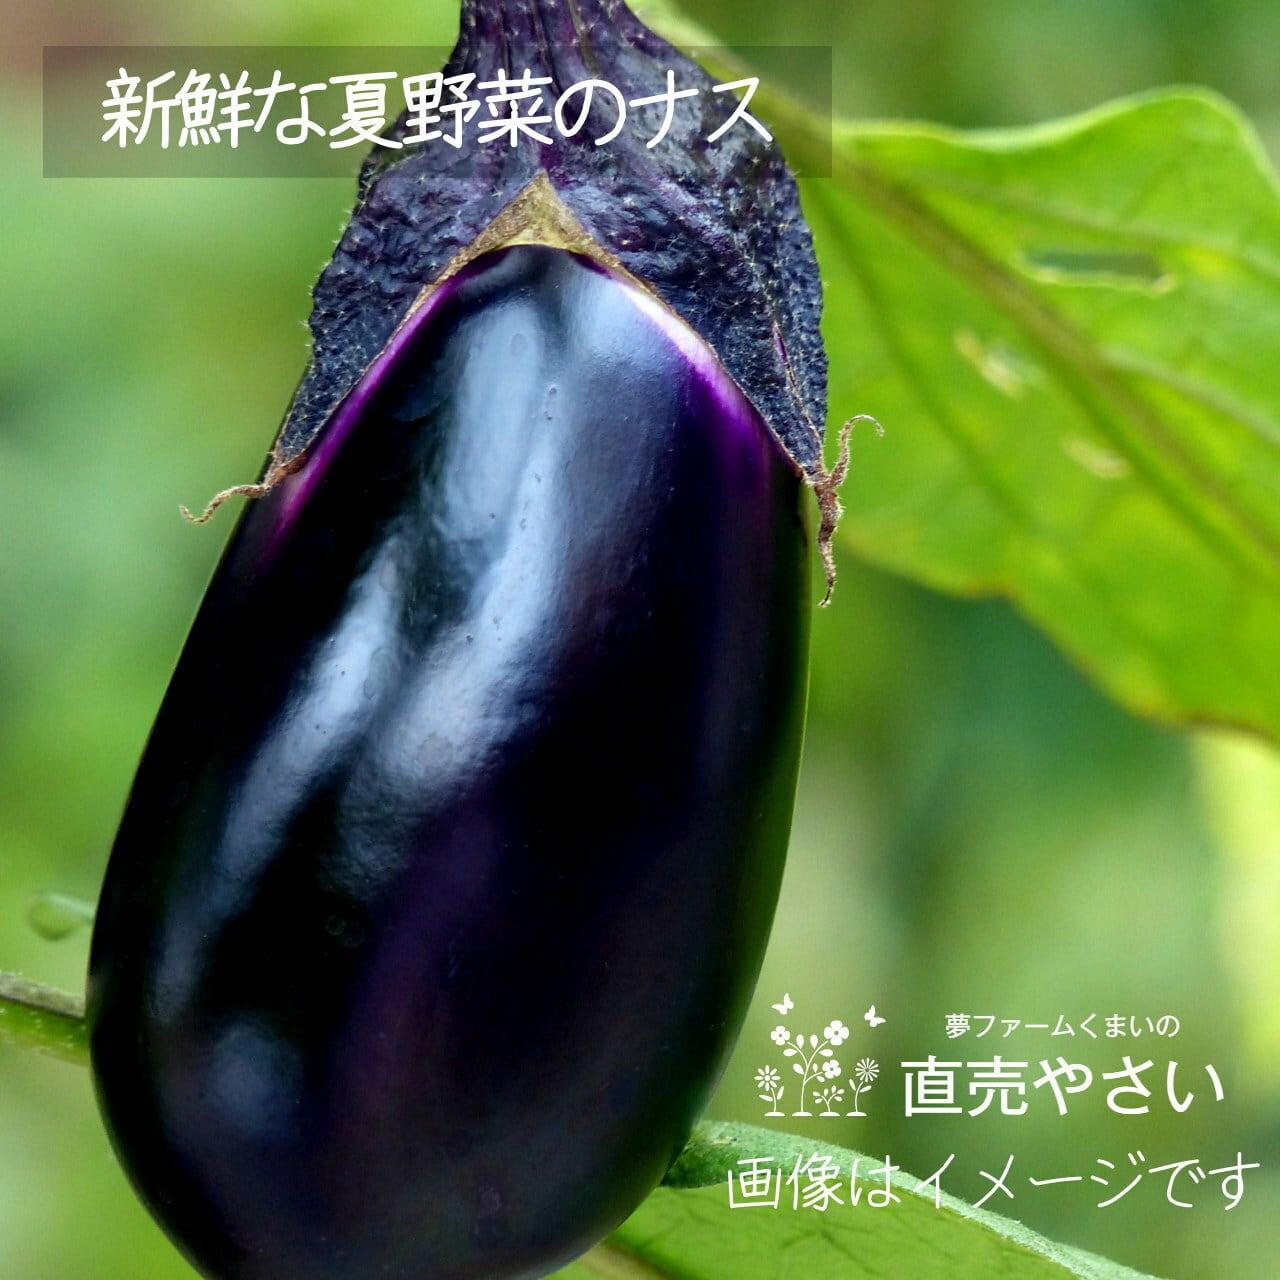 新鮮な秋野菜 : ナス 約350g 9月の朝採り直売野菜 9月5日発送予定